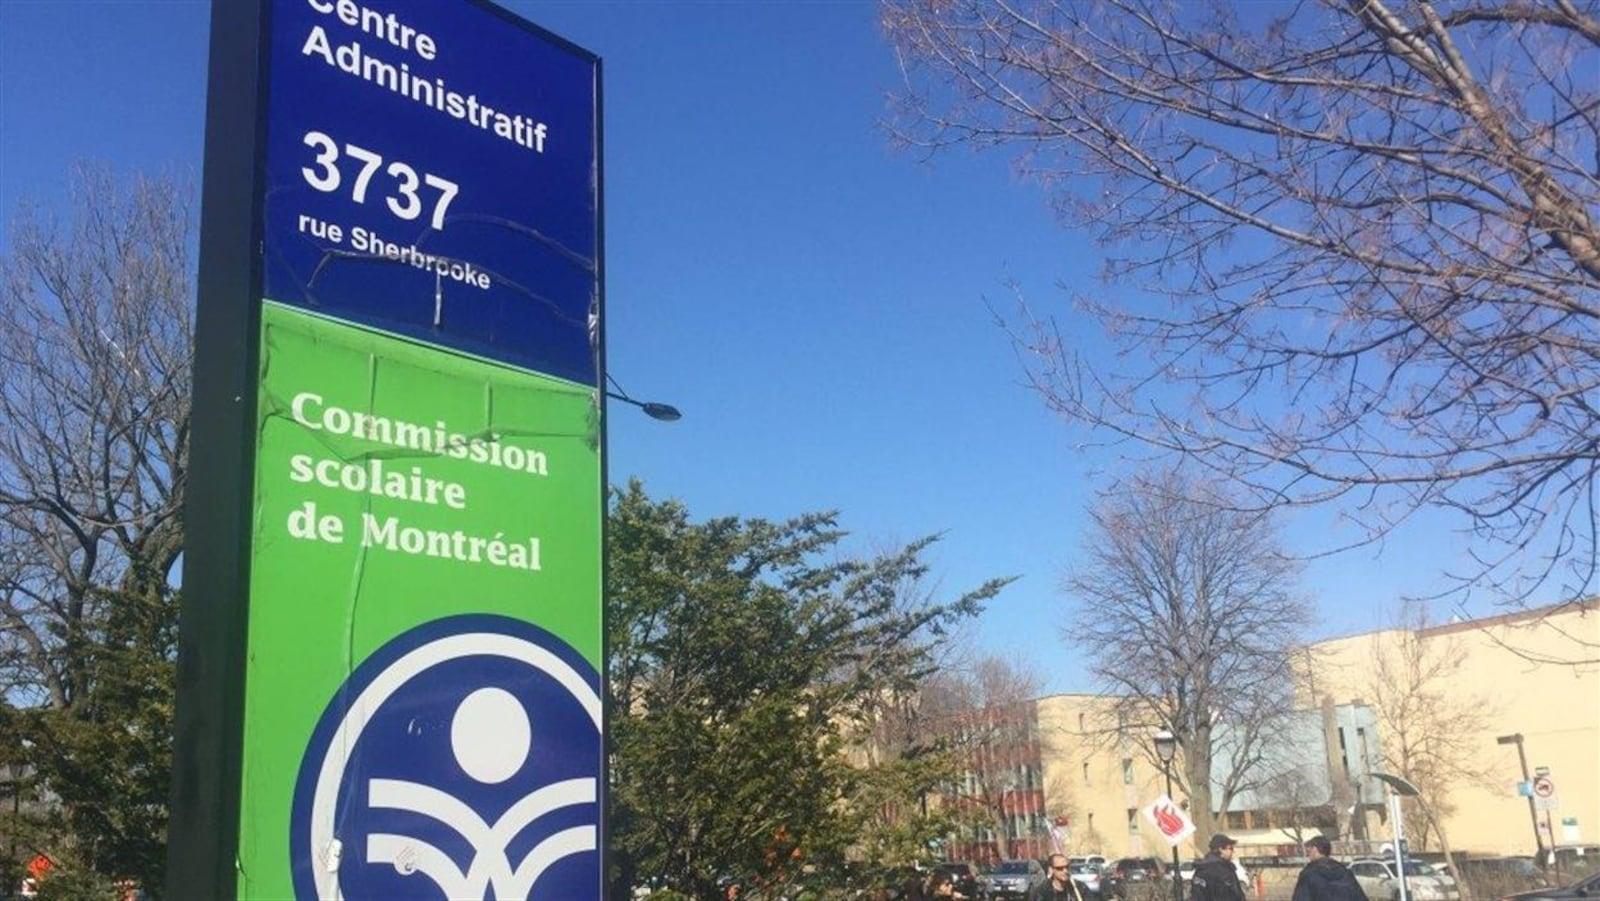 Centre administratif de la Commission scolaire de Montréal